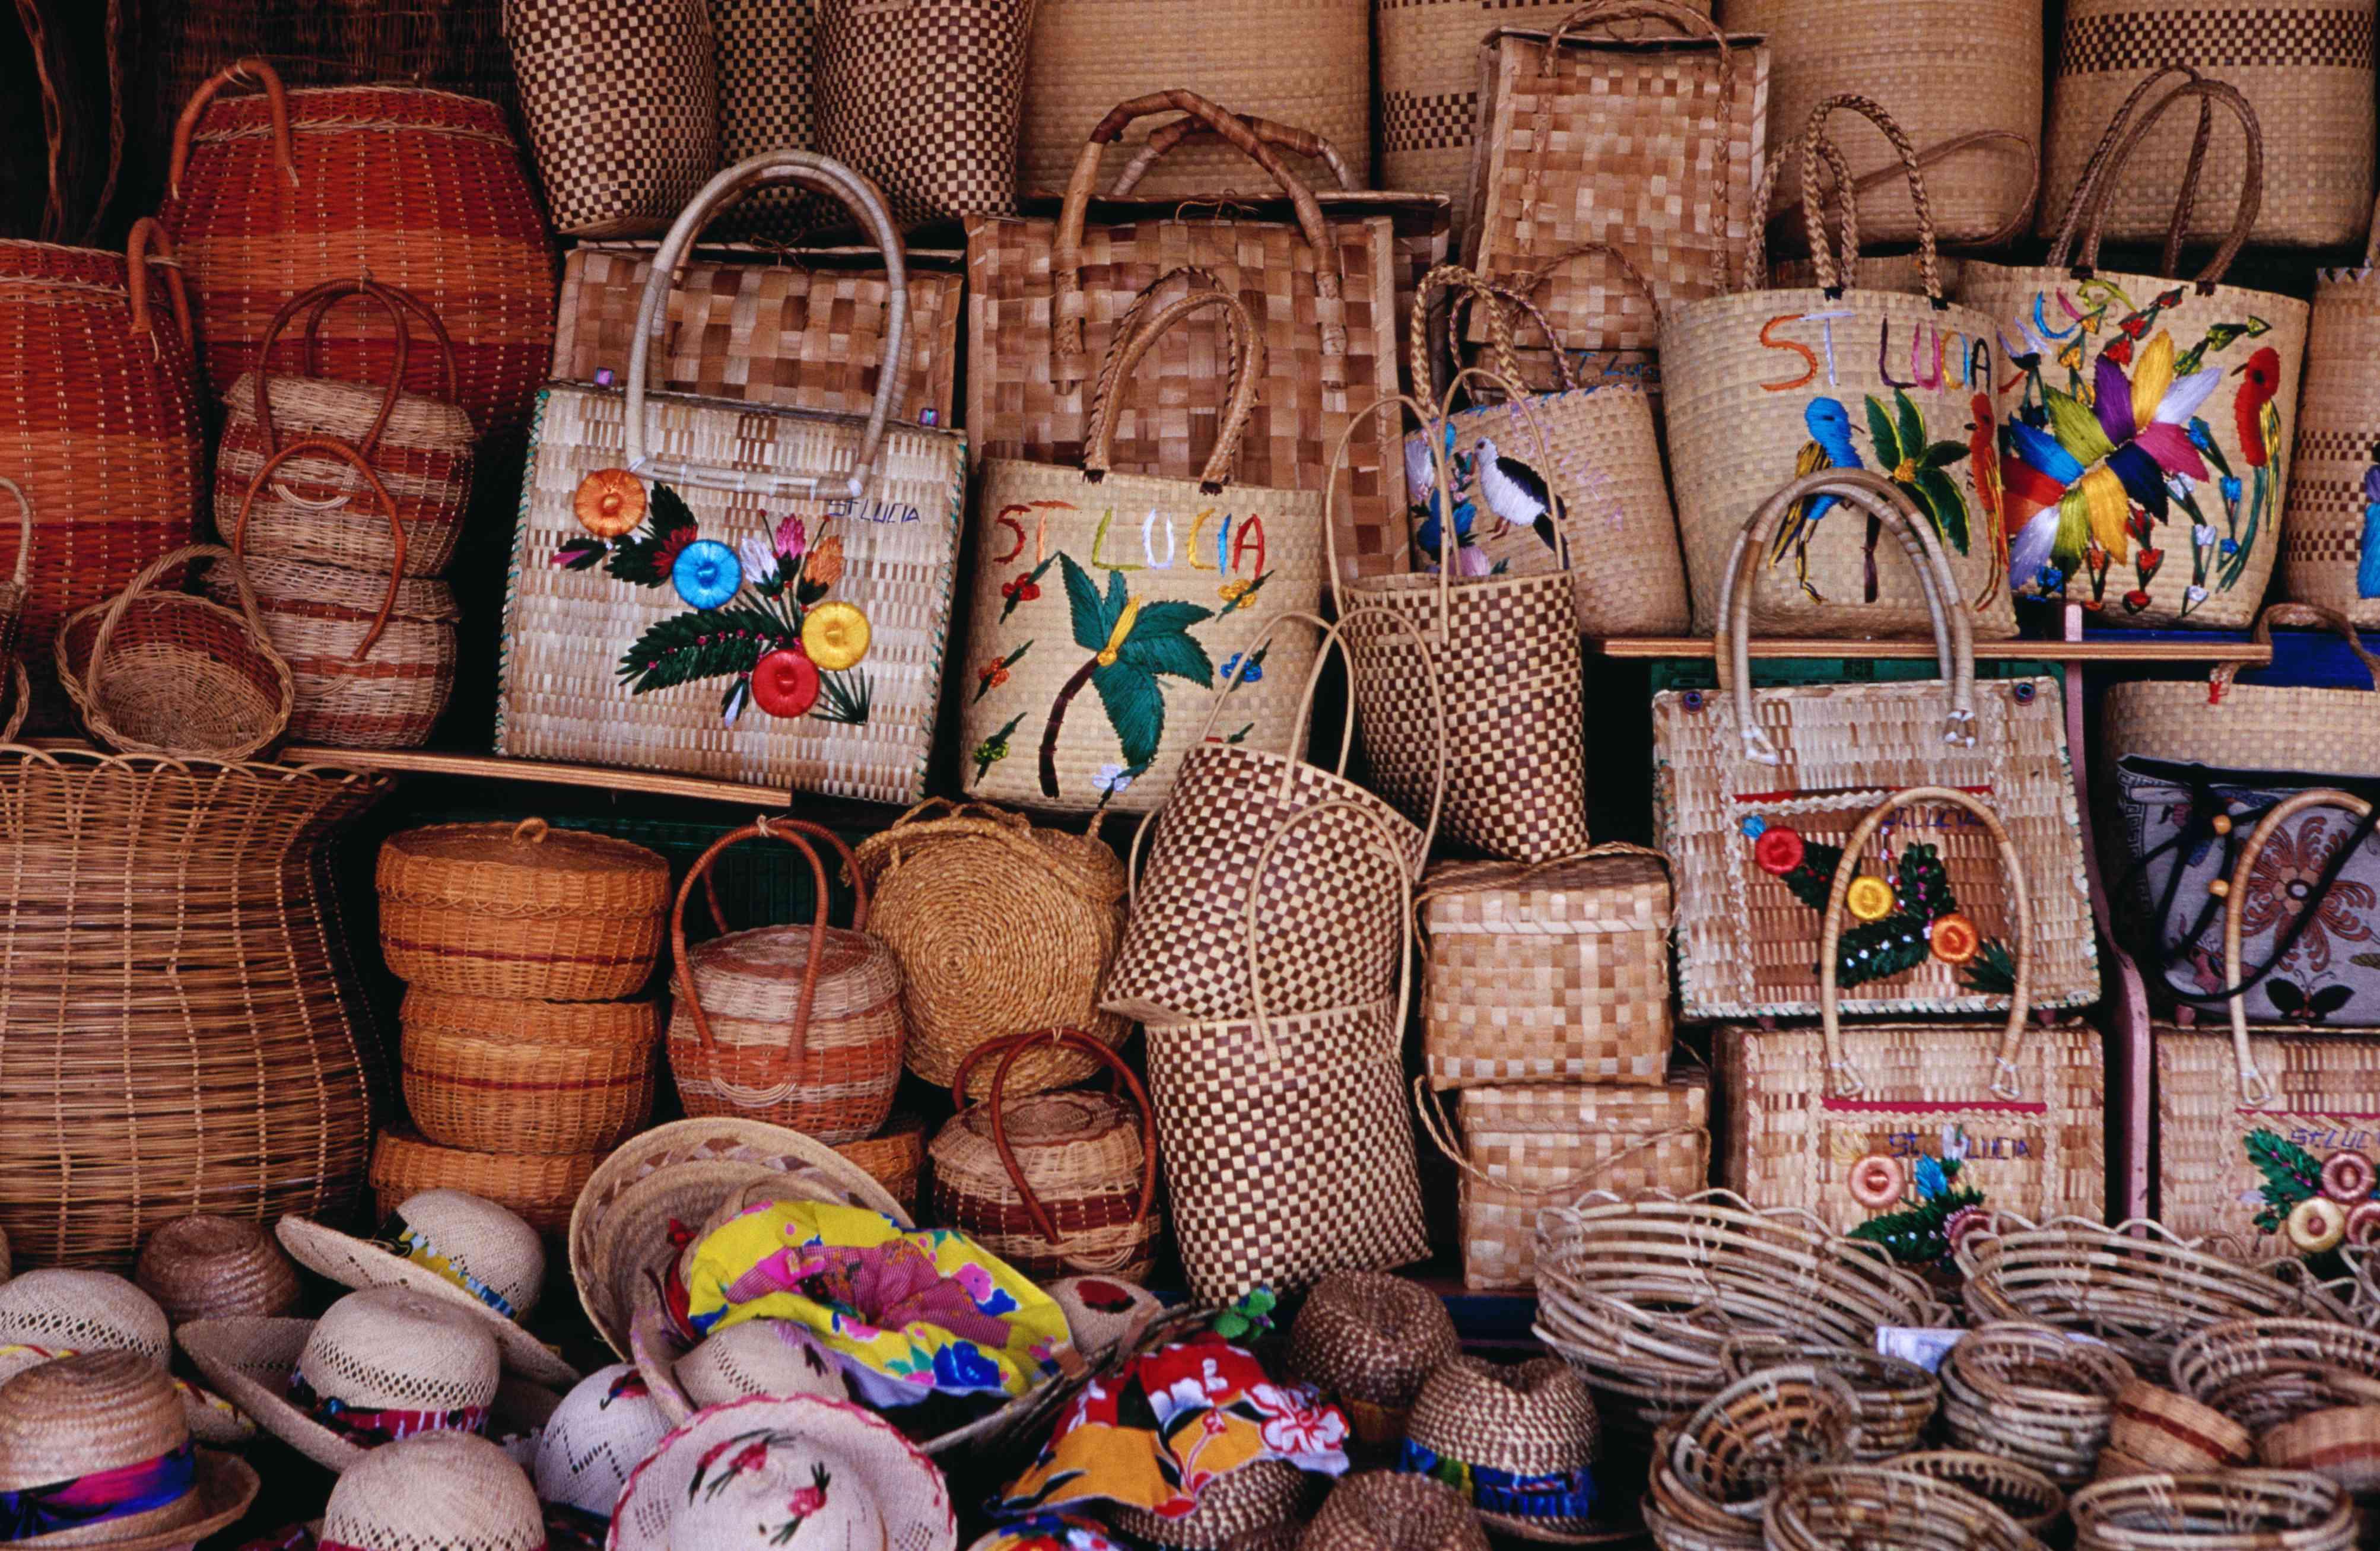 Artesanía local para la venta en el mercado de Castries